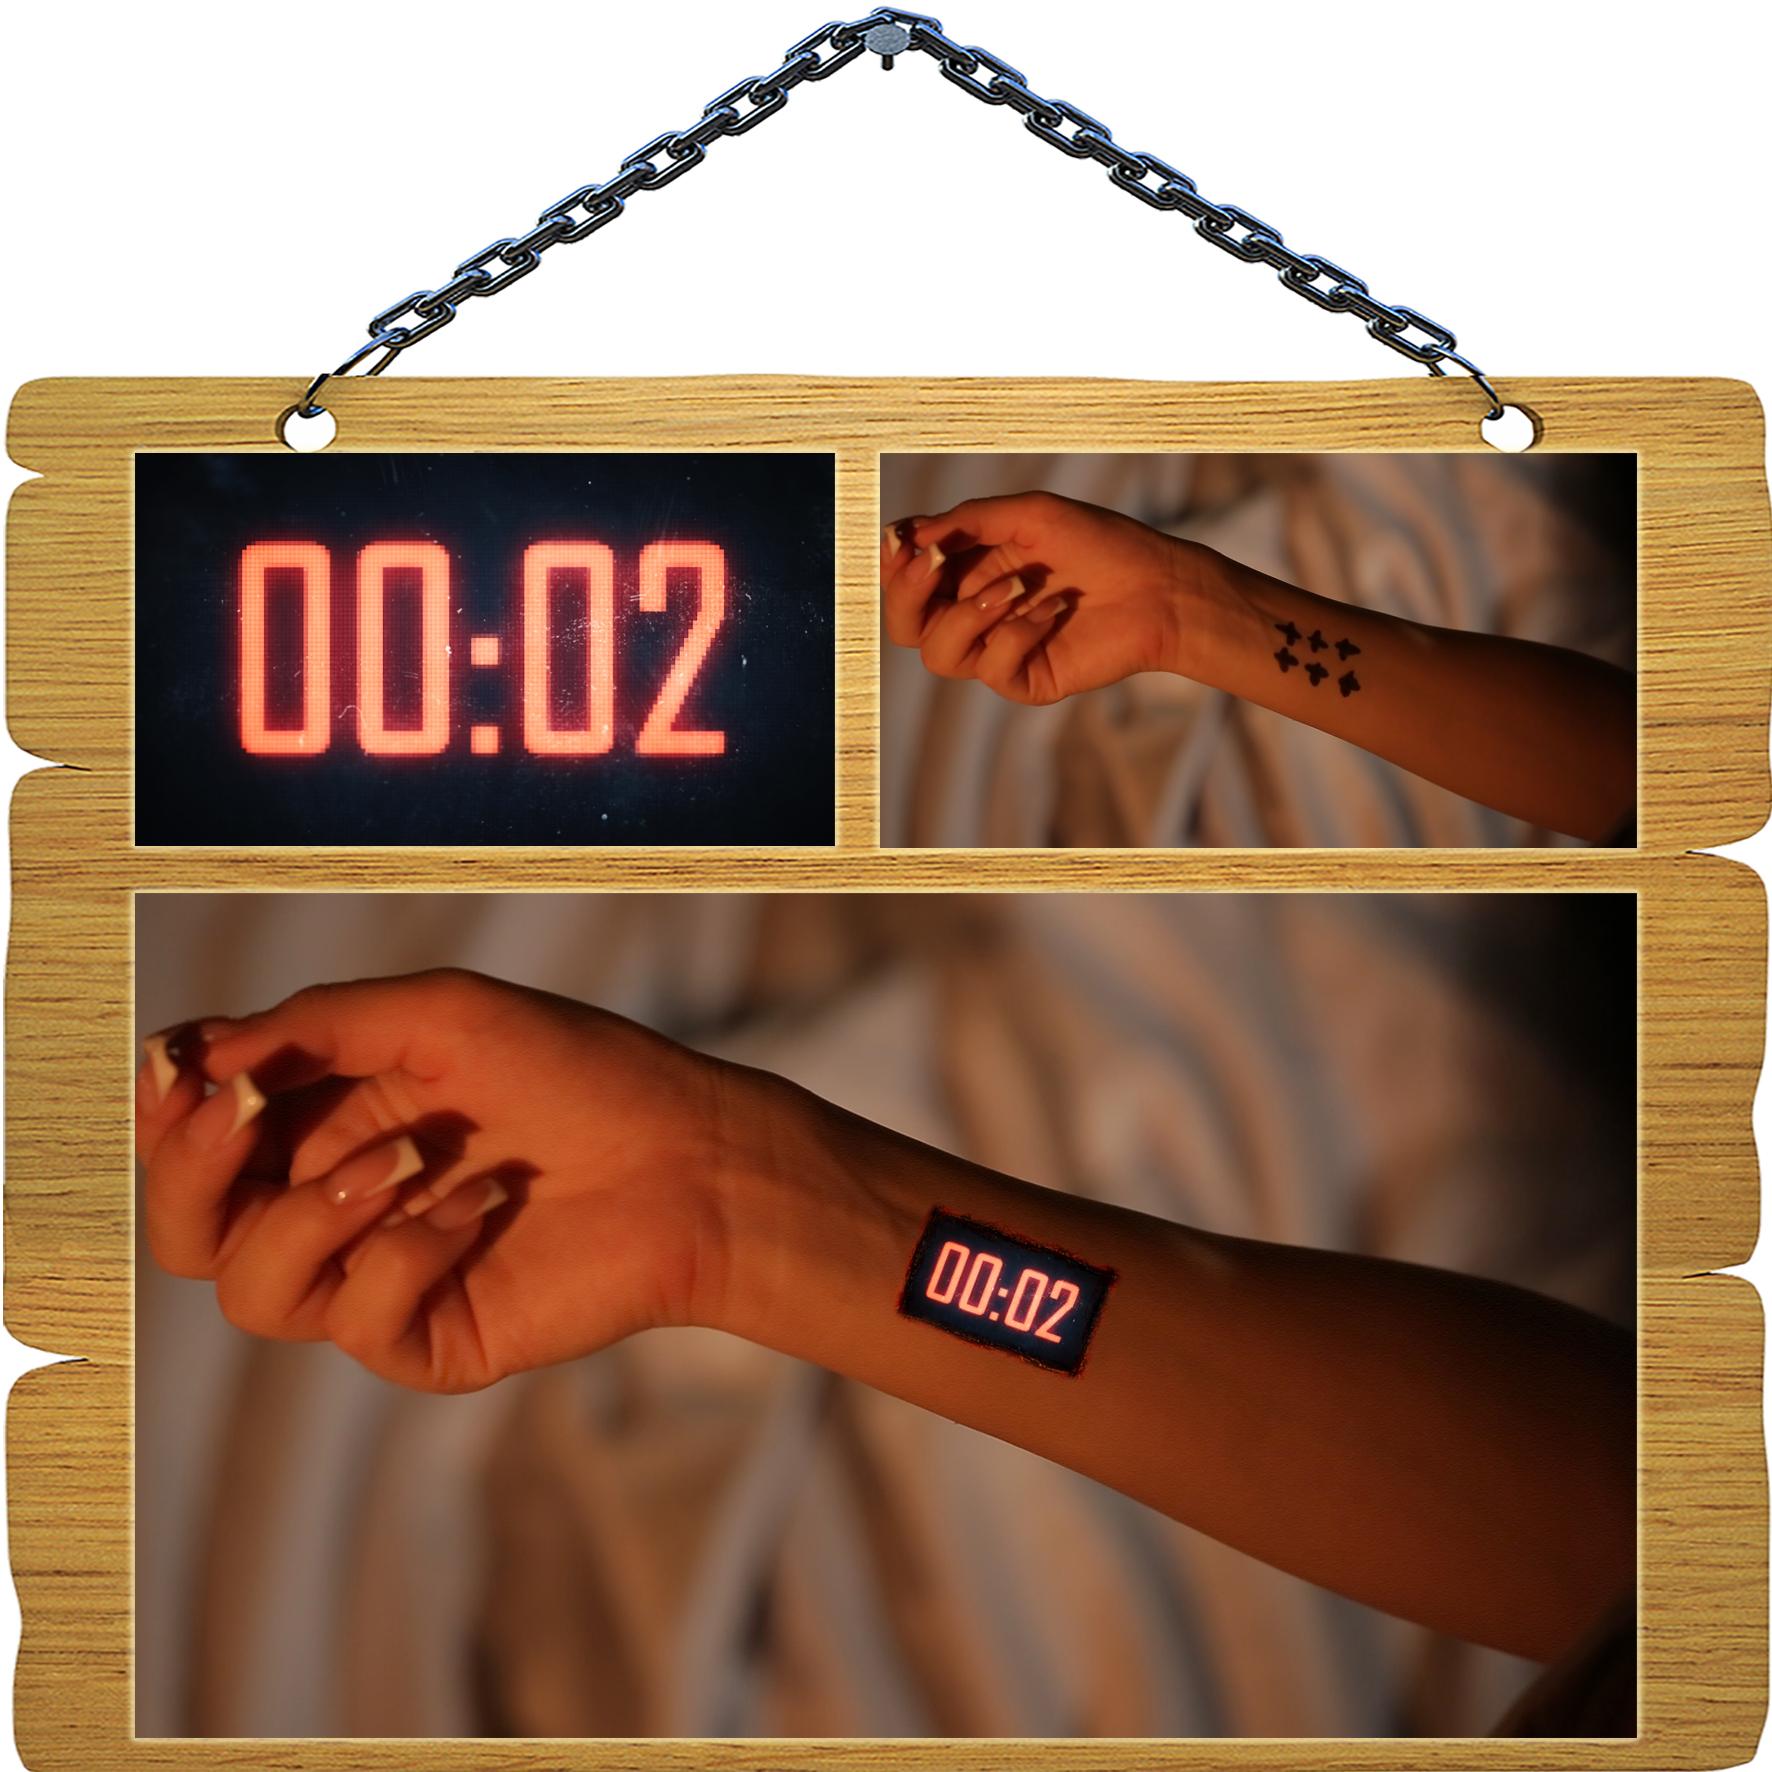 Фотомонтаж - Внедрение часов в руку